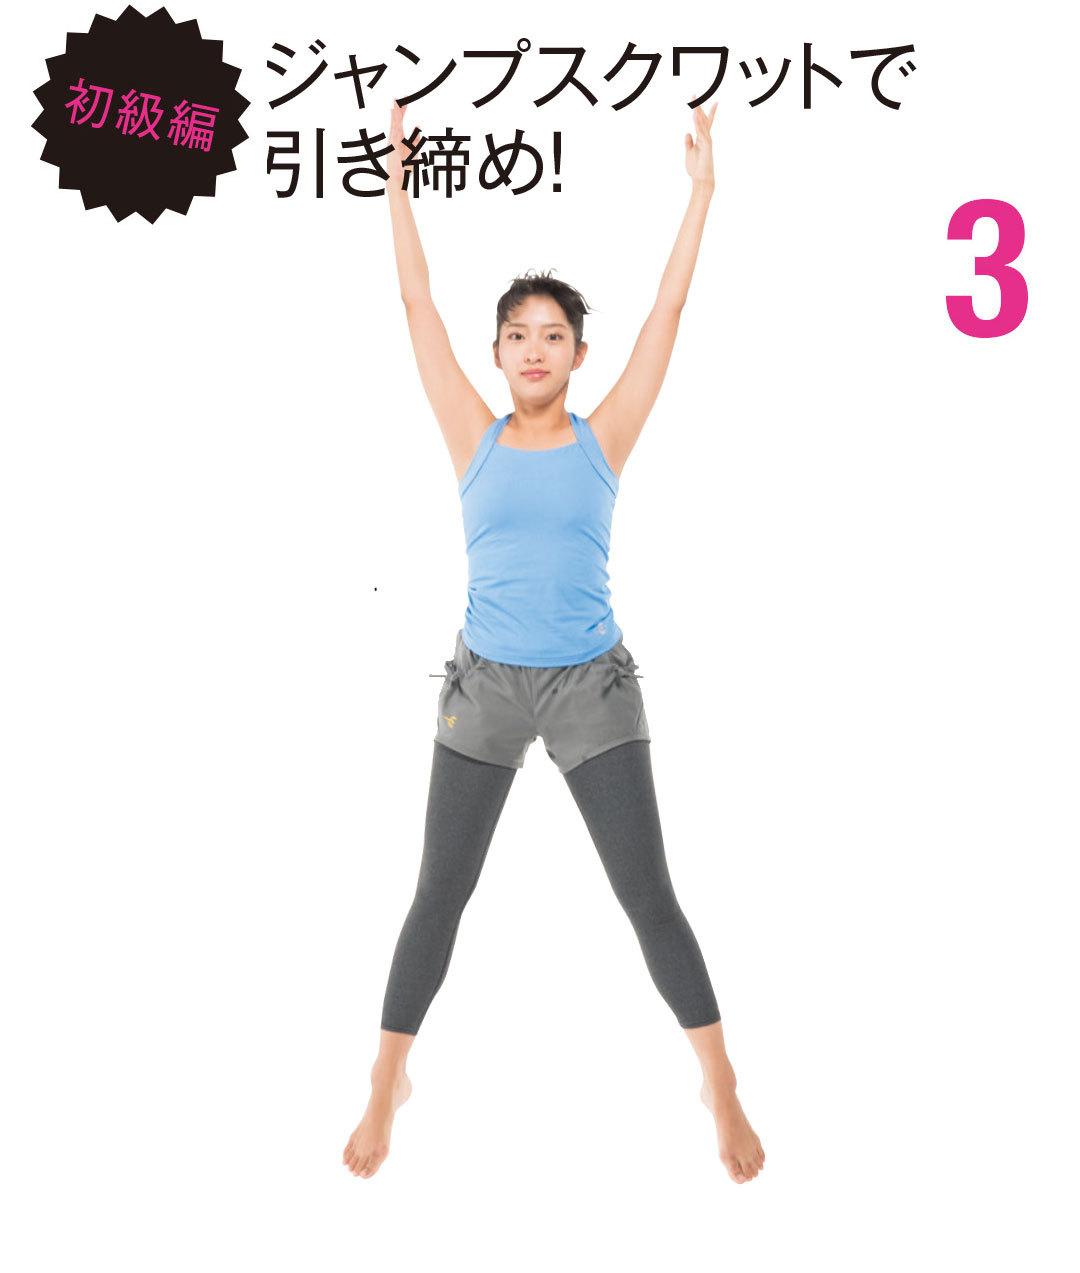 太もも痩せしたい! 1畳スペースでできる簡単筋トレをAYAさんが伝授♡ _1_2-4